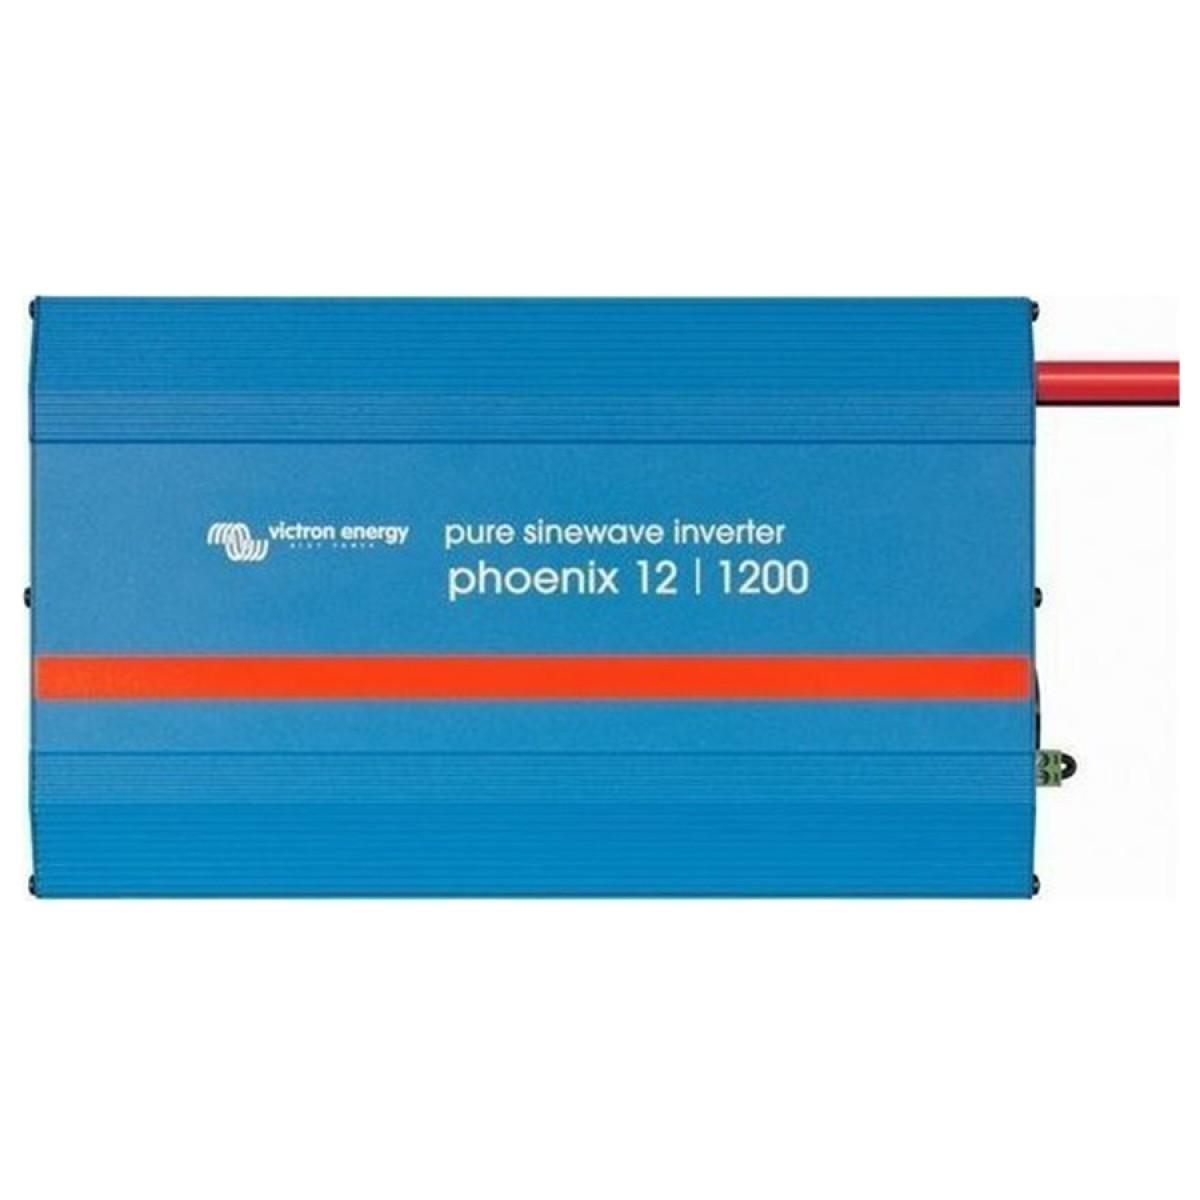 Inverter Καθαρού Ημιτόνου Victron Energy Phoenix 12V / 1200VA / 230V